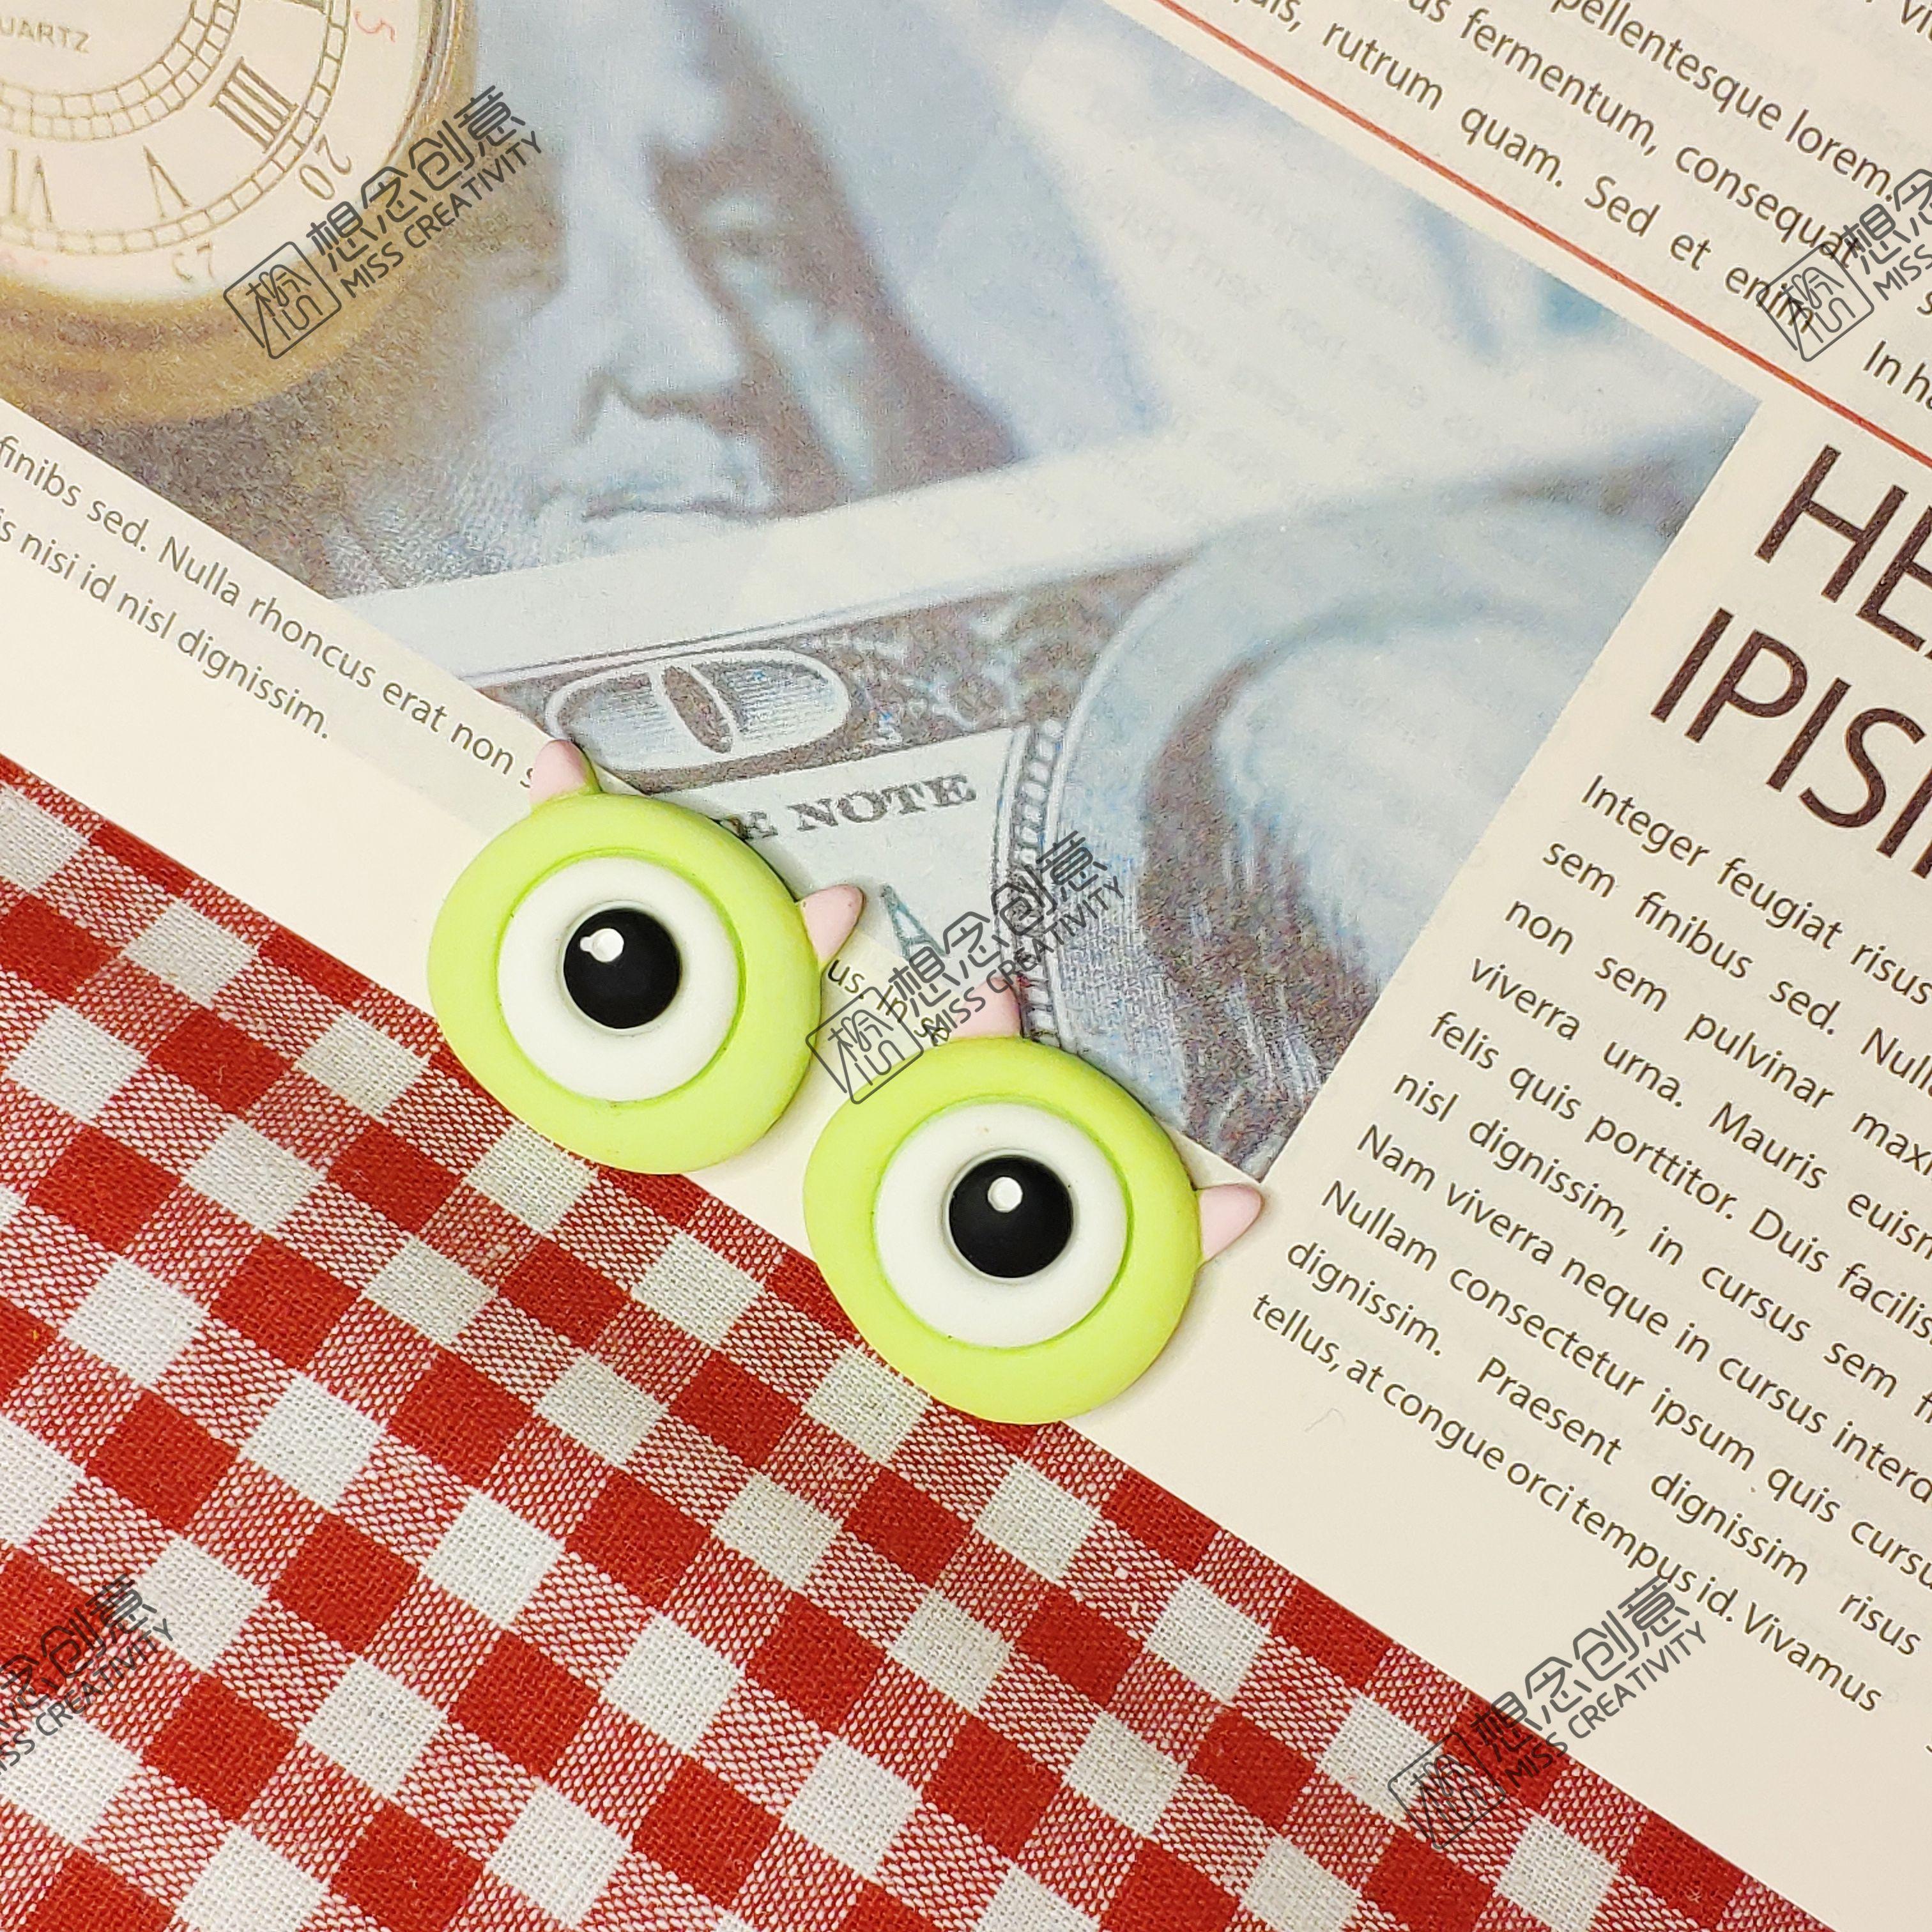 卡通眼睛DIY树脂贴片,可用做鞋花,手机壳配件,纽扣,帽子,服装辅料,文具贴片,发饰,耳饰,项链,手链,戒指等饰品配件